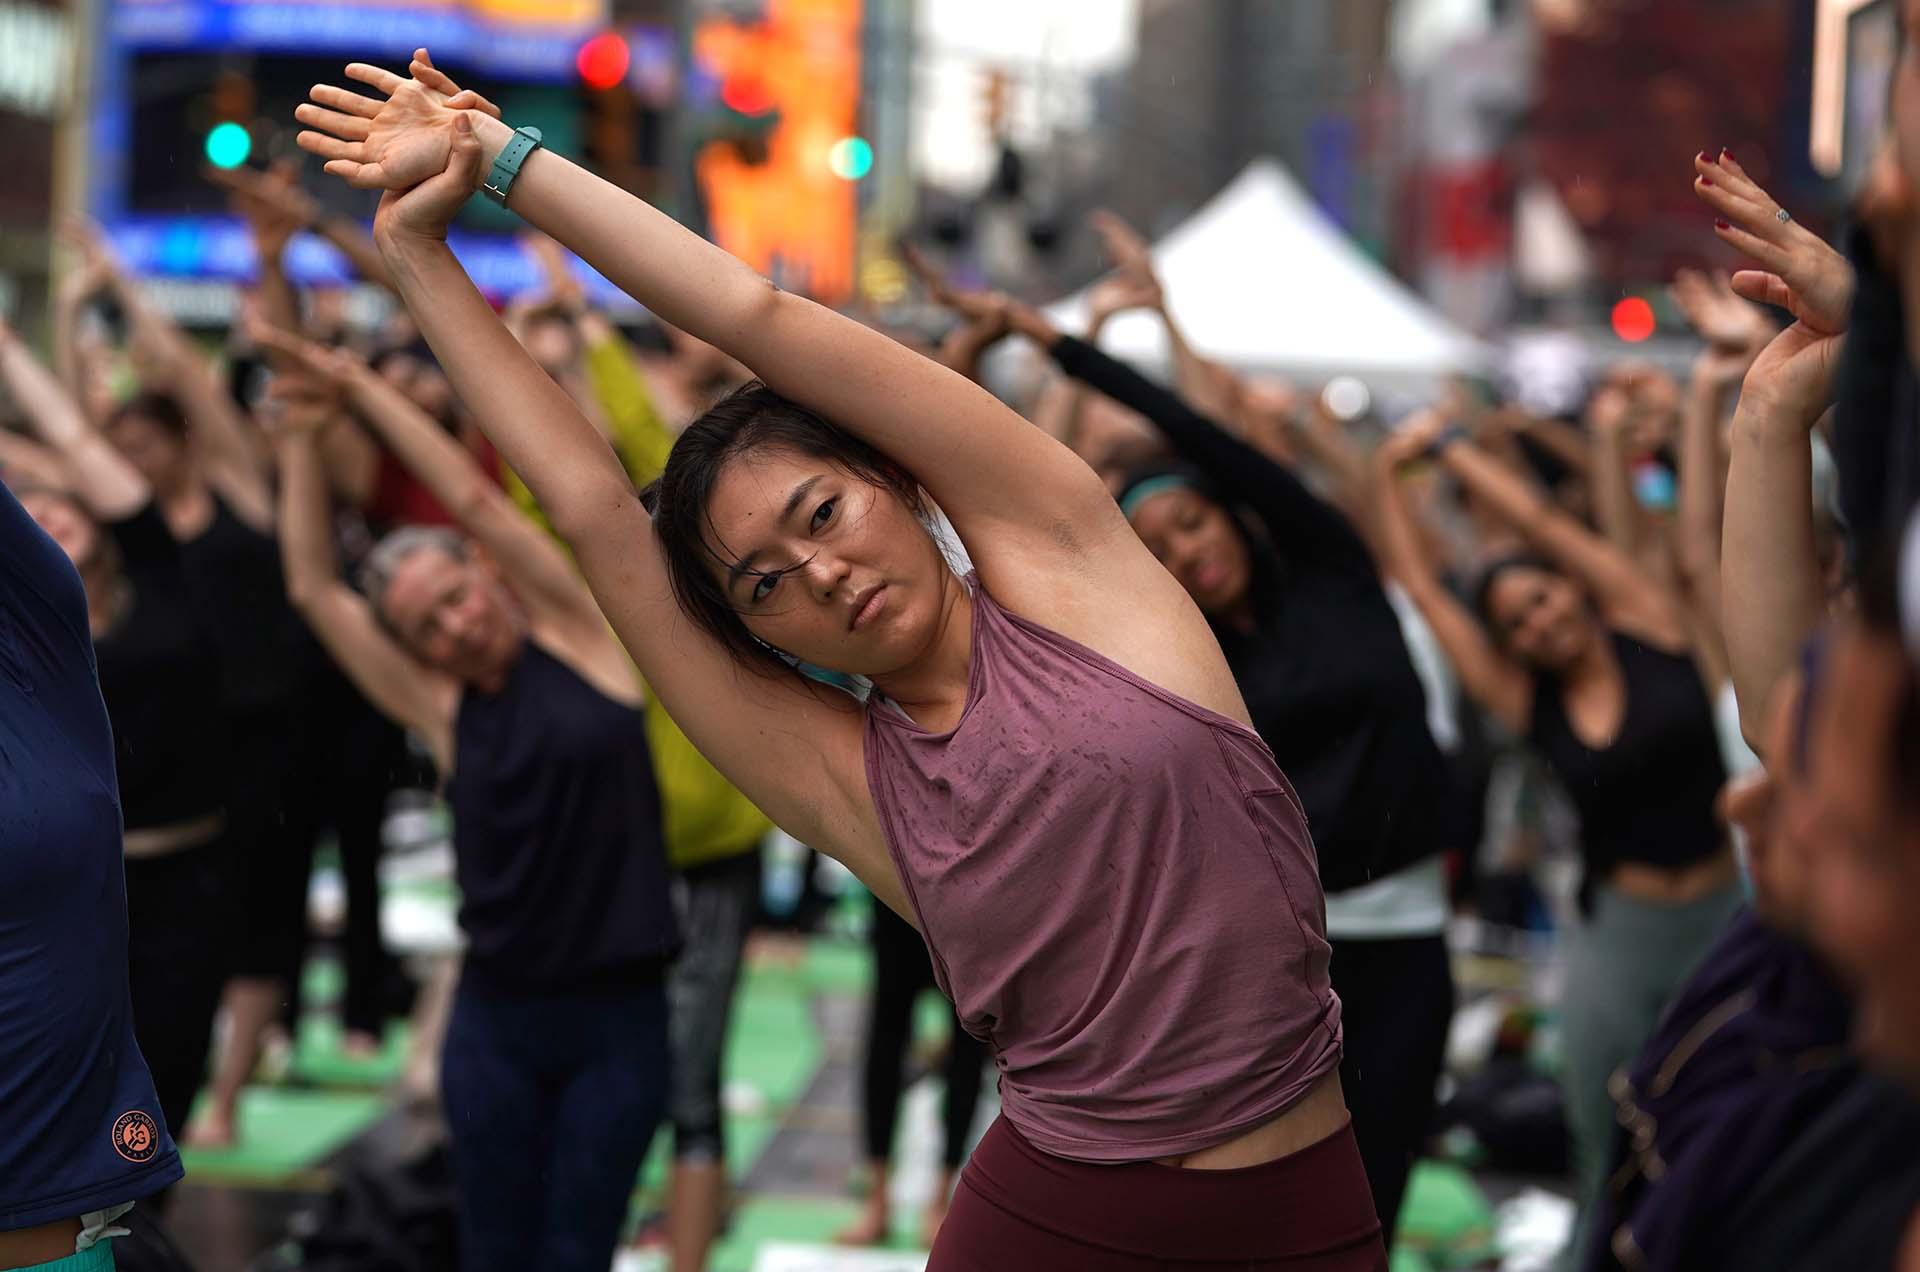 """La case fue bautizada """"Mind Over Madness Yoga"""", un evento celebrado una vez al año que consiste en practicar yoga al aire libre (AFP PHOTO / TIMOTHY A. CLARY)"""